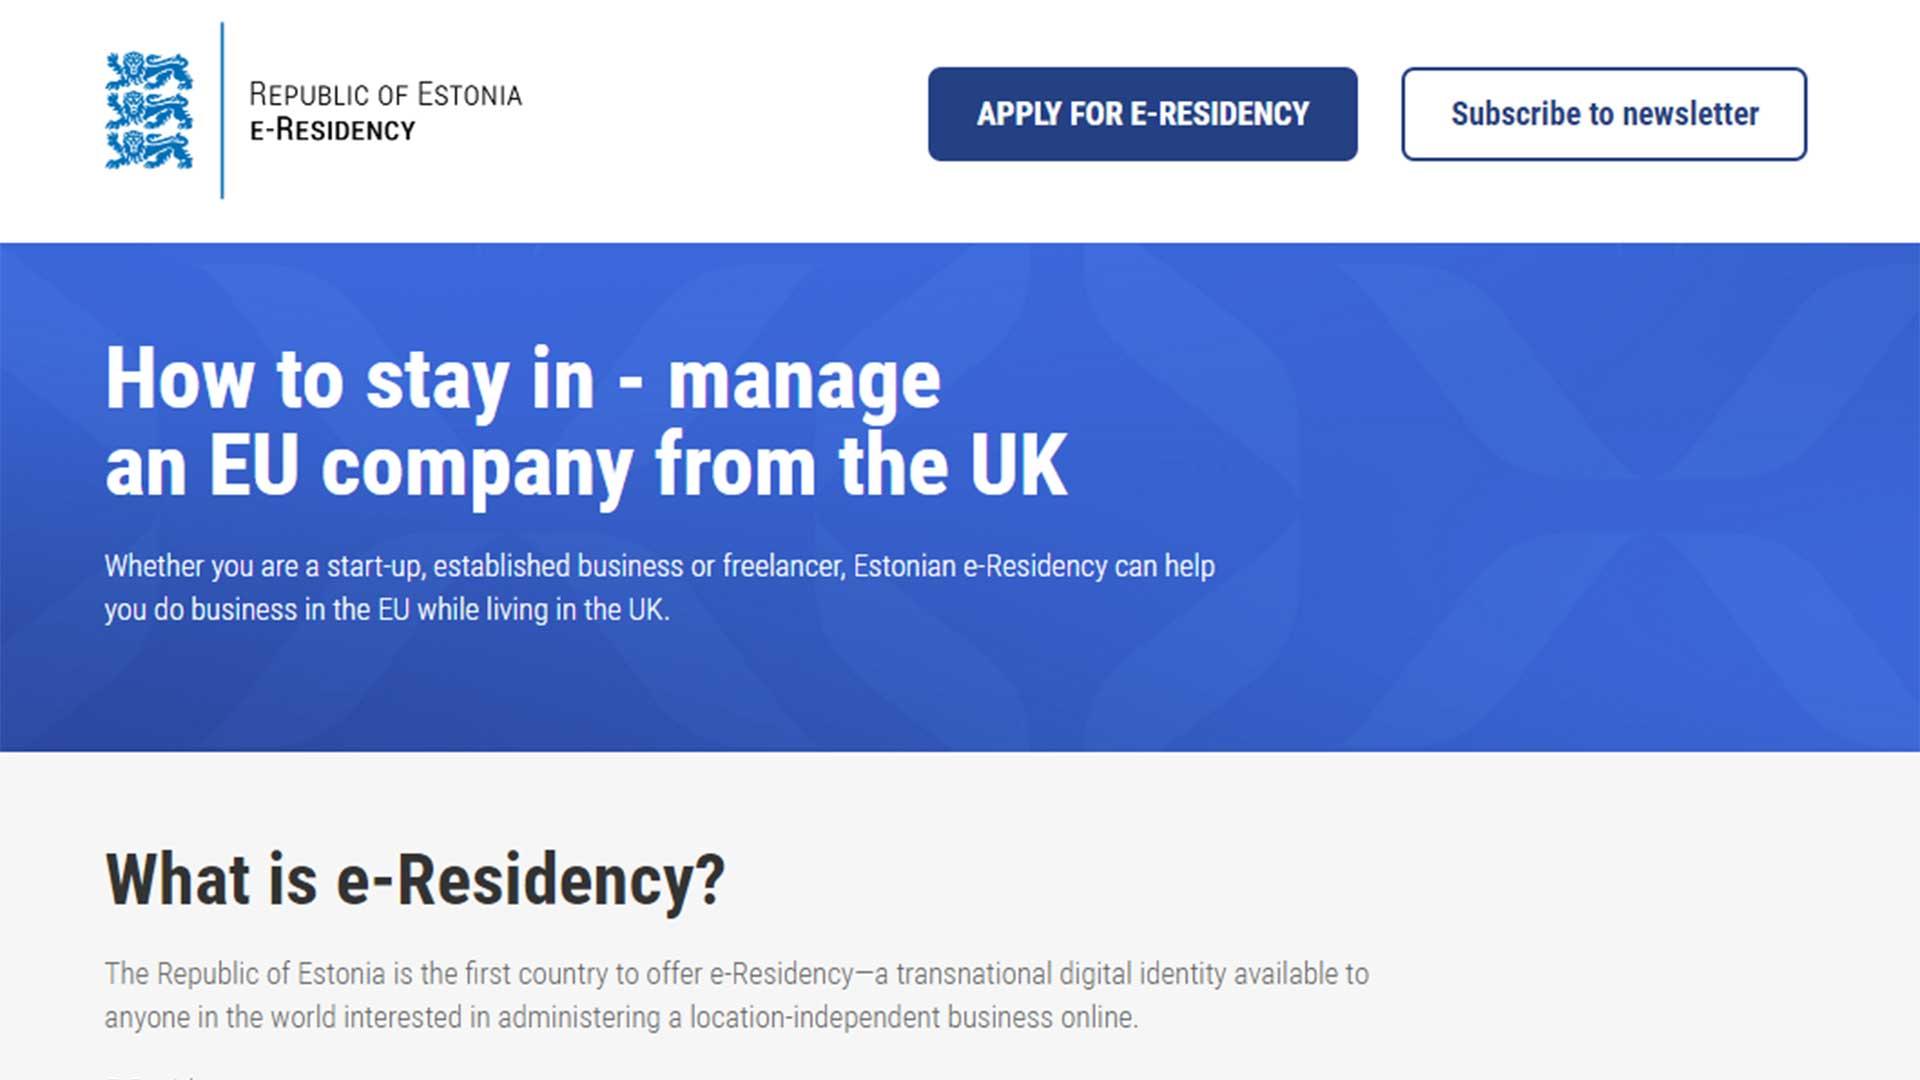 La nuevo web del programa de e-residency estonio, dirigida a los británicos